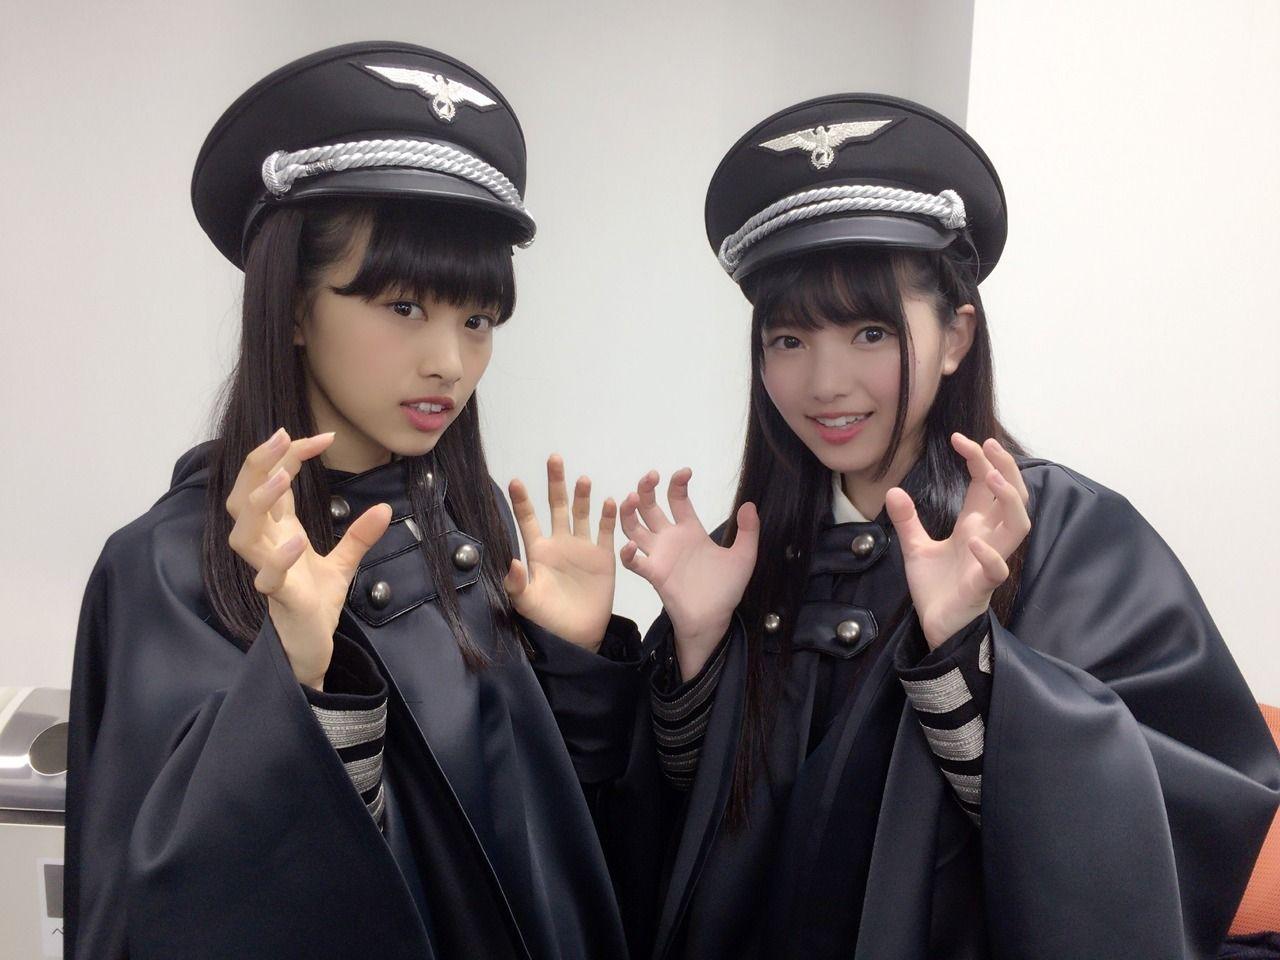 http://livedoor.blogimg.jp/dourakukousuke/imgs/1/f/1f47cd26.jpg